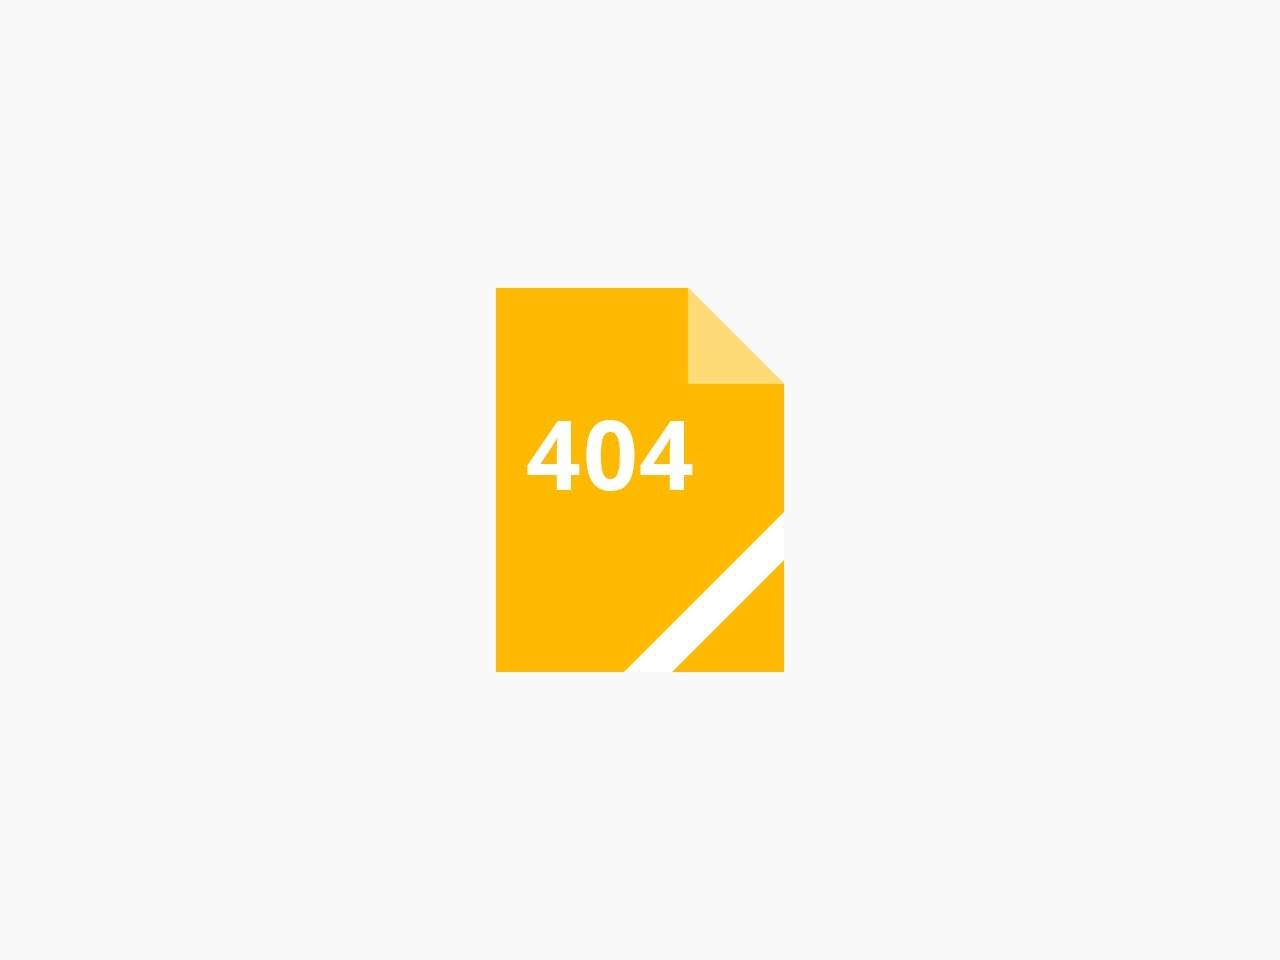 520常识网